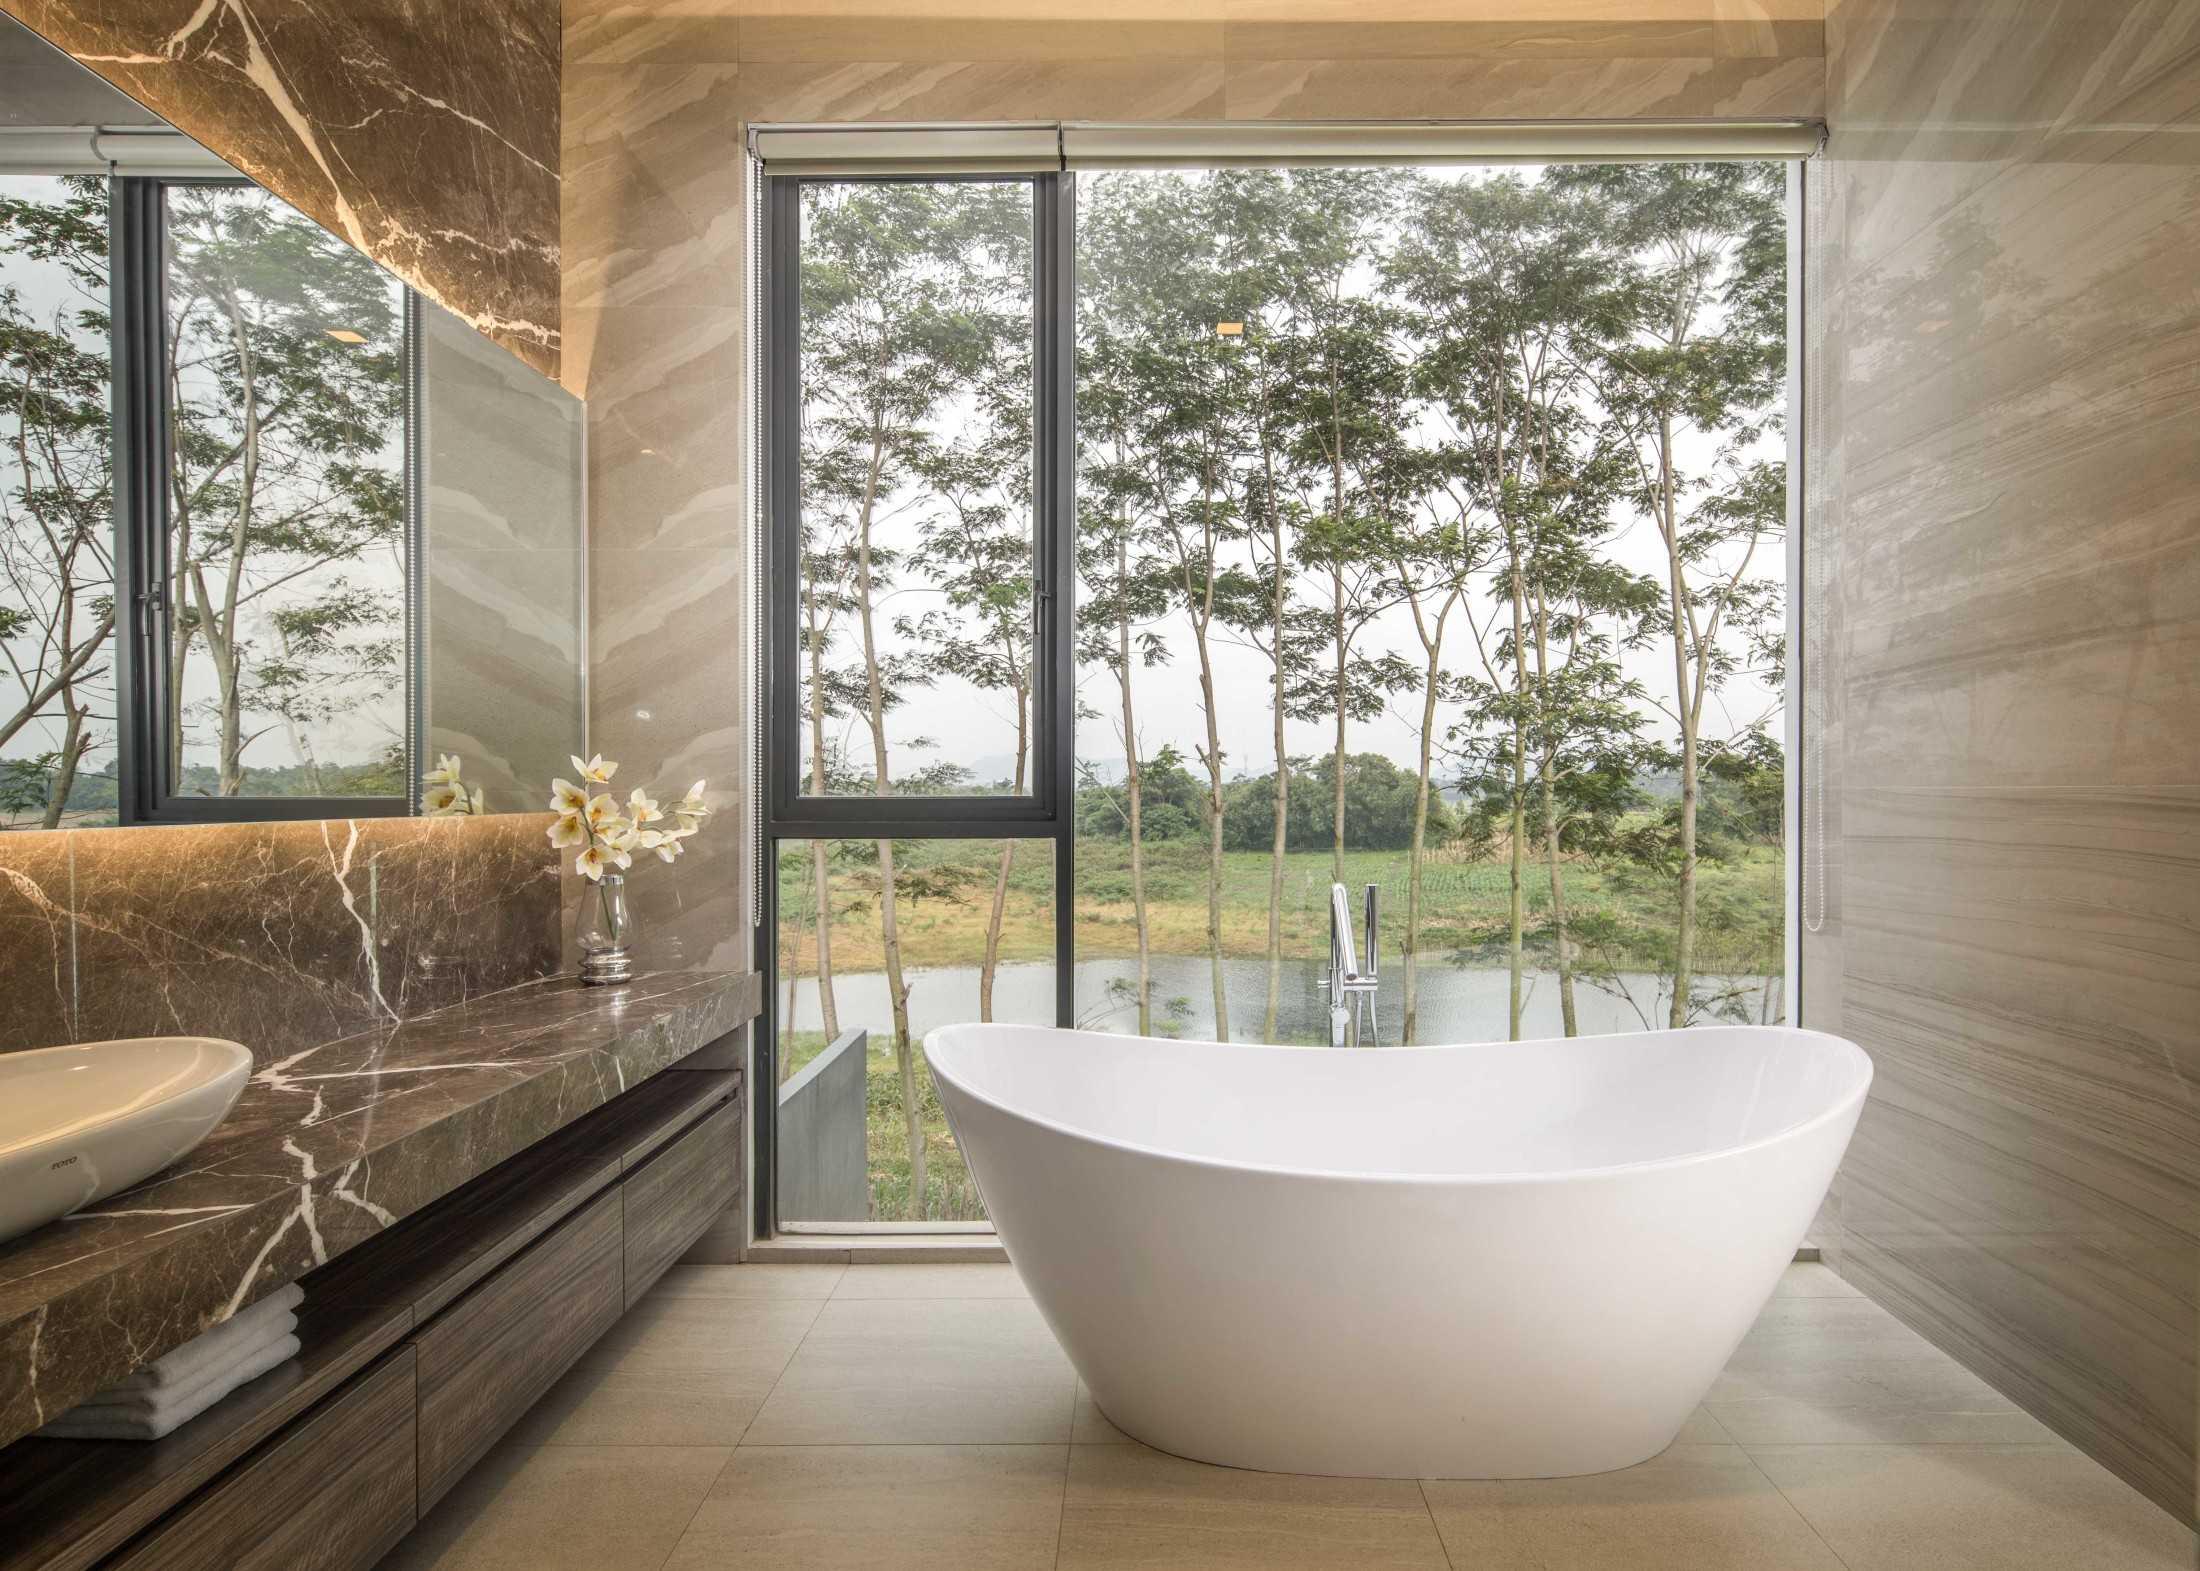 Kamar mandi semi-outdoor yang sehat (Sumber: arsitag.com)